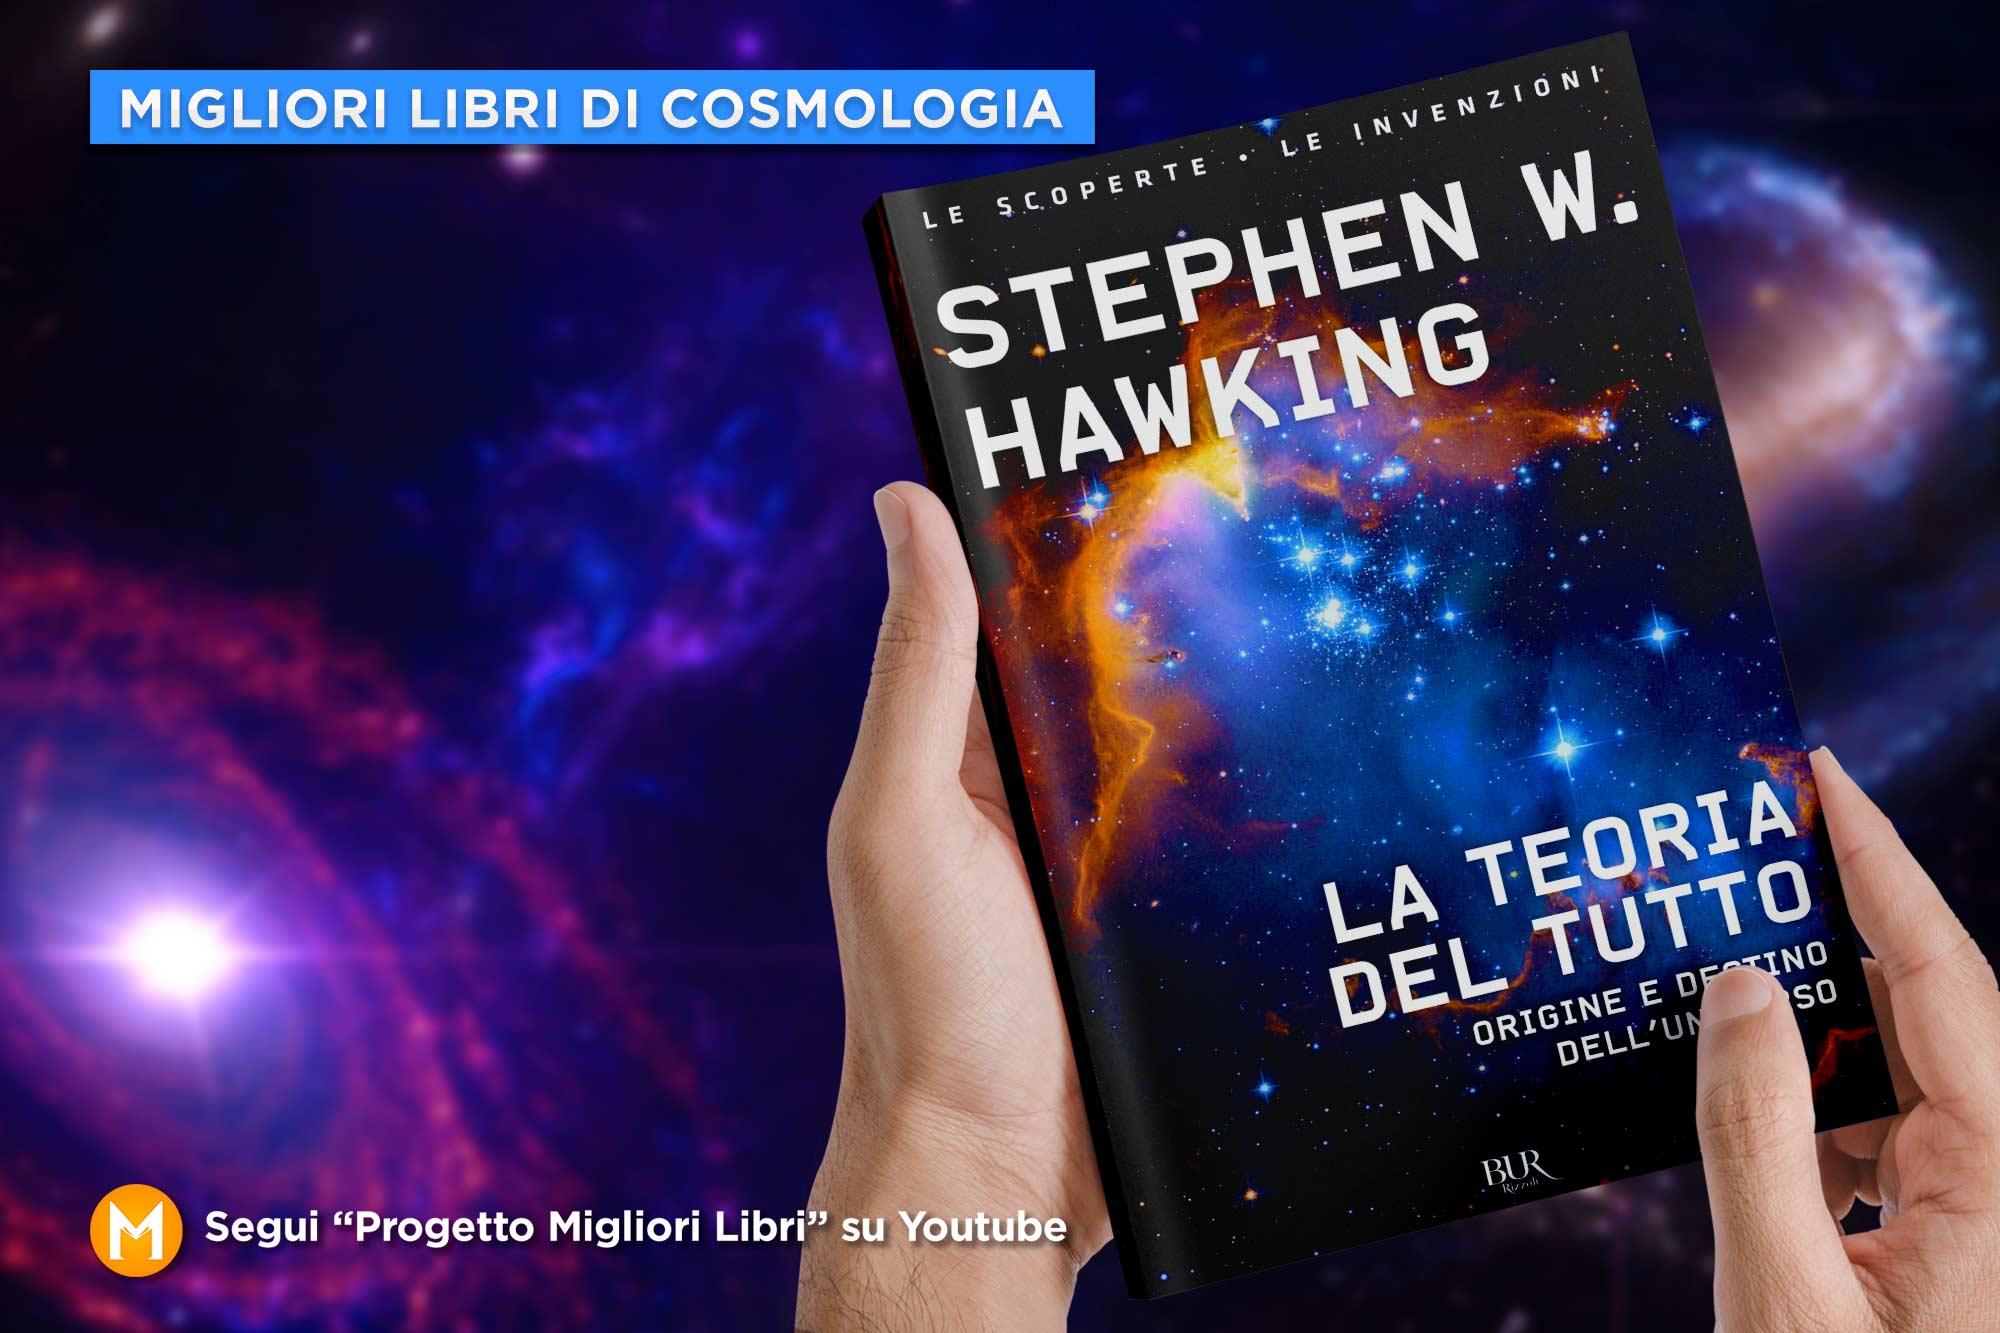 migliori-libri-di-cosmologia